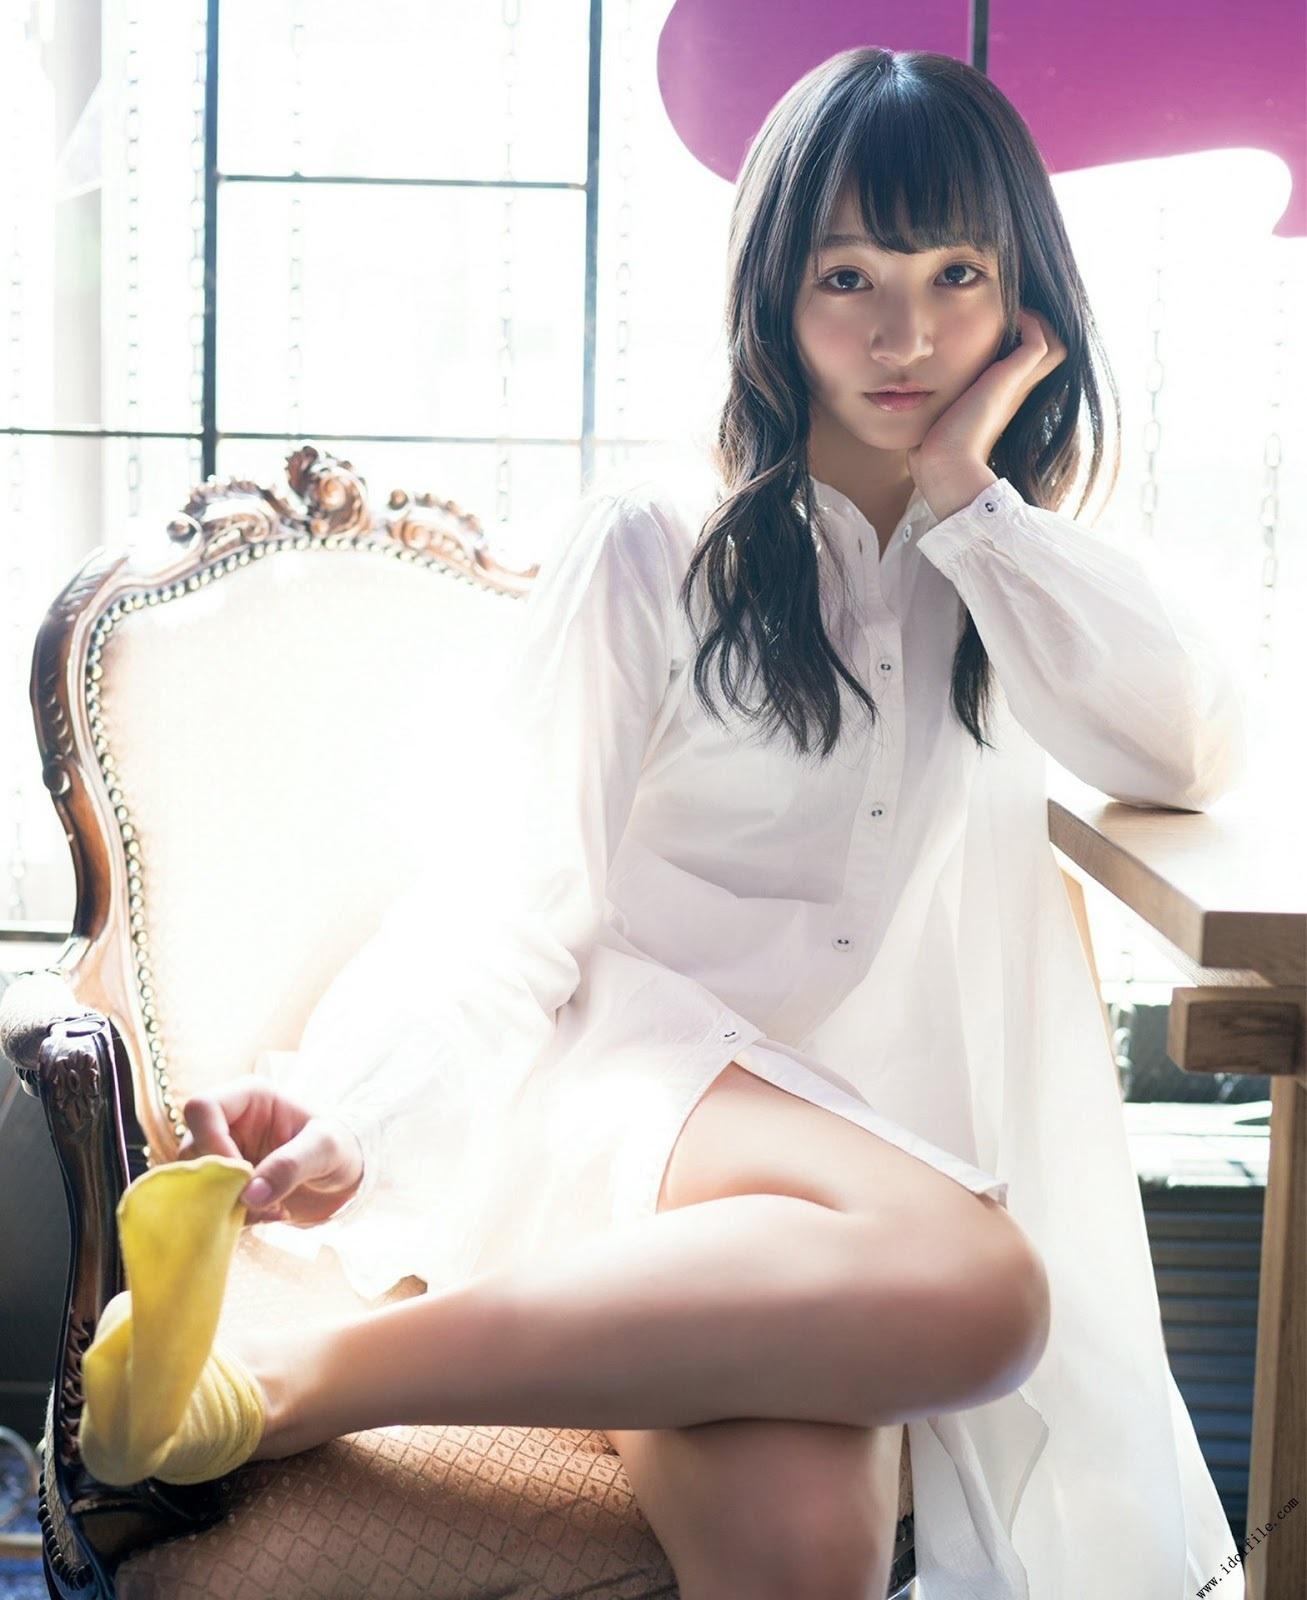 NMB48次世代王牌山本彩加引退转当护理师超暖原因让人更爱她了 网络美女 第40张